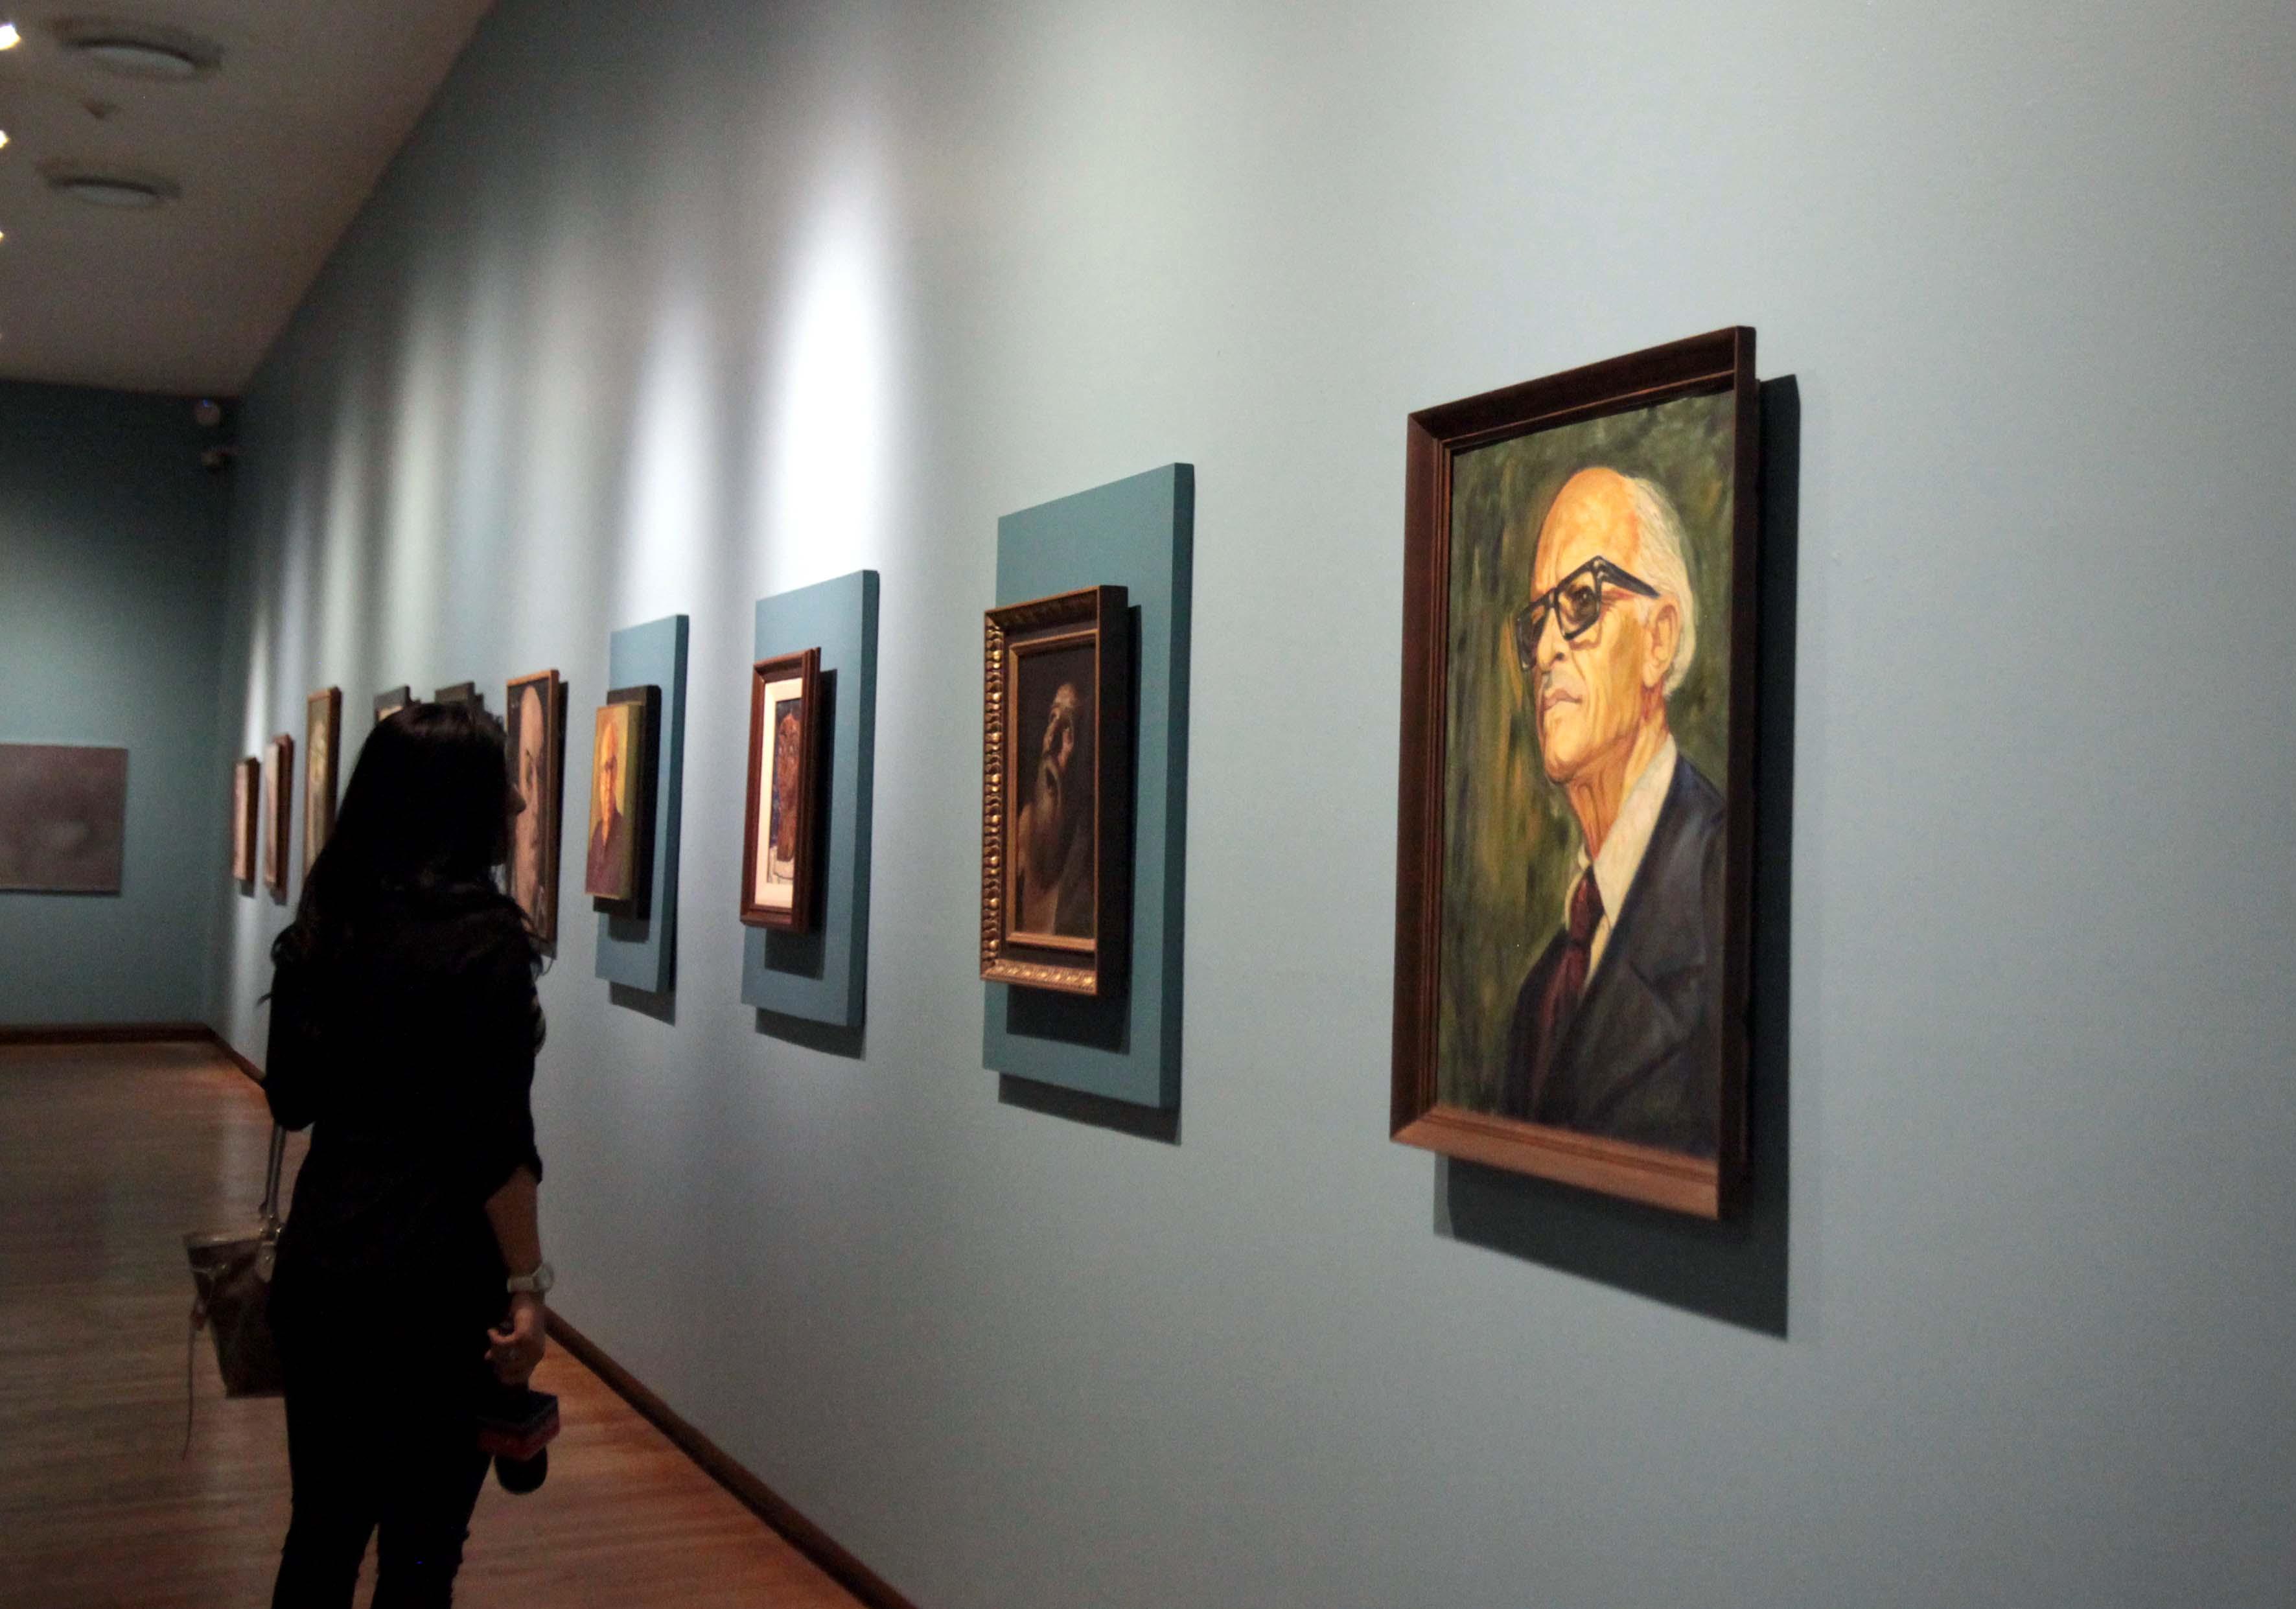 Asistente a la conferencia de prensa, observando en uno de los pasillos del MUSA, las obras artísticas universitarias.